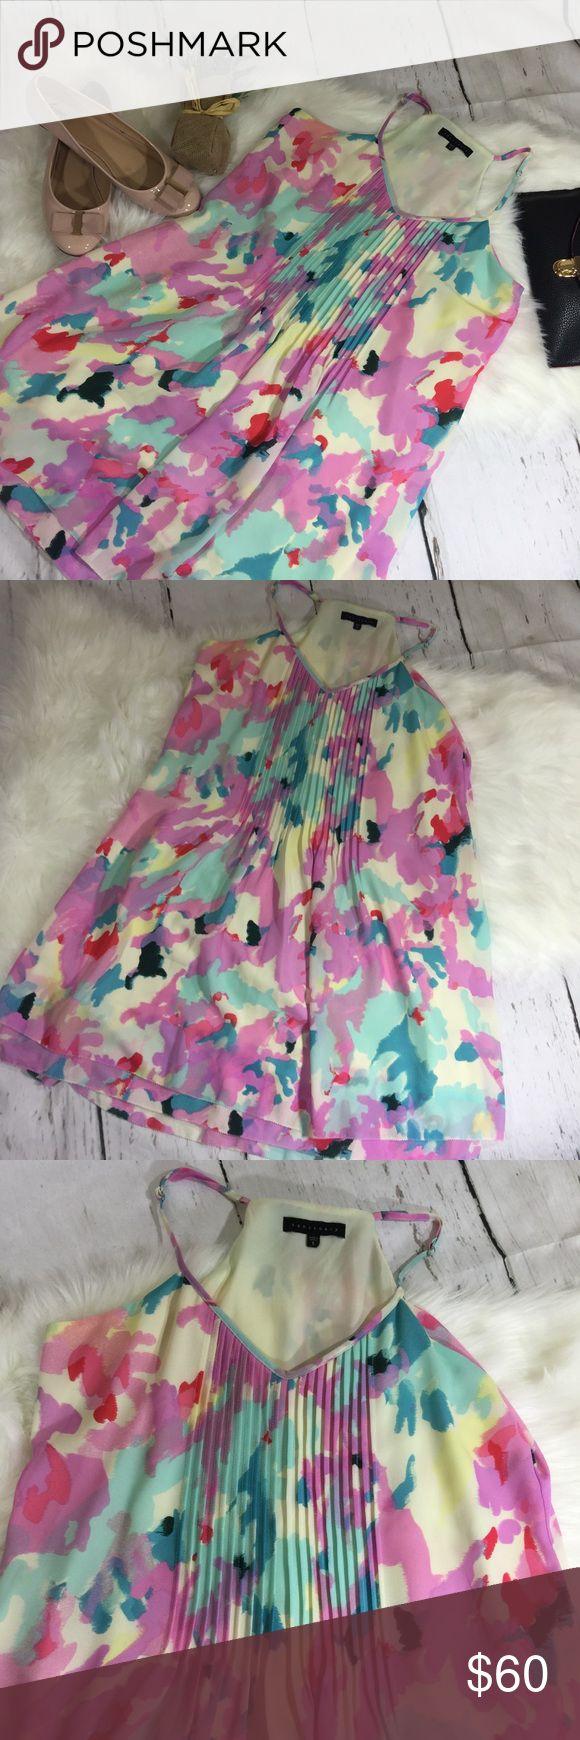 Sanctuary Multi-color Mini Dress Excellent condition. No rips or stains Length-36inchs Sanctuary Dresses Mini